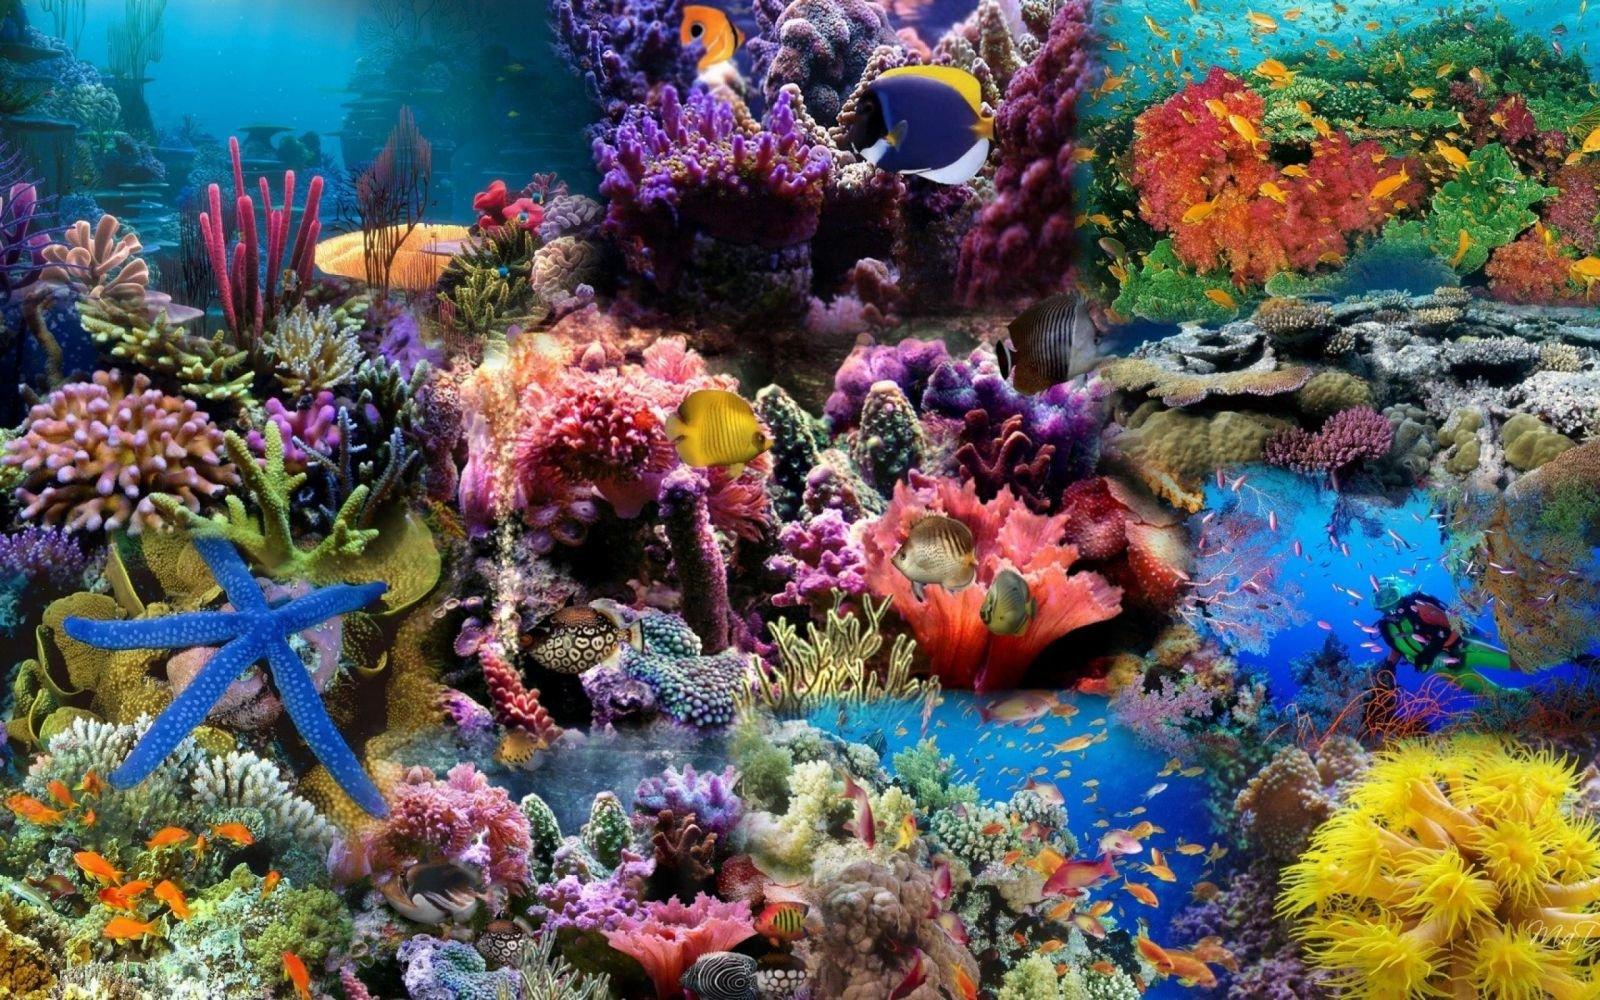 Hình ảnh rạn san hô dưới đáy đại dương tuyệt đẹp